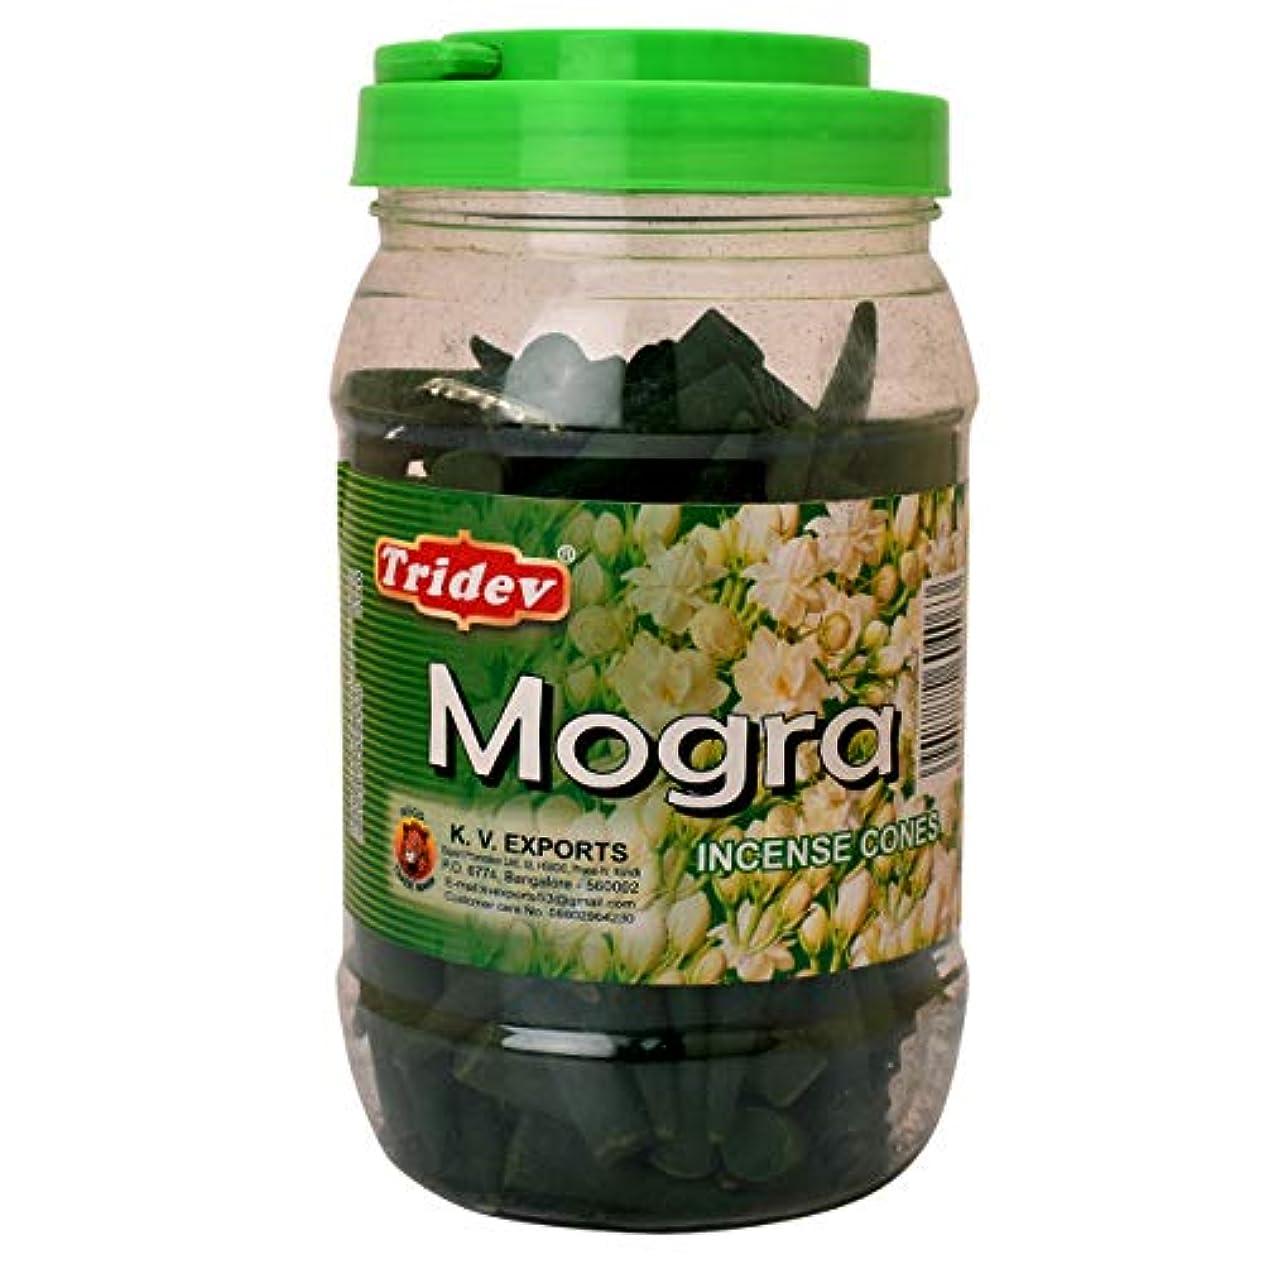 スラッシュ終了する気楽なTridev Mogra フレグランス コーン型お香 500グラム 瓶 輸出品質